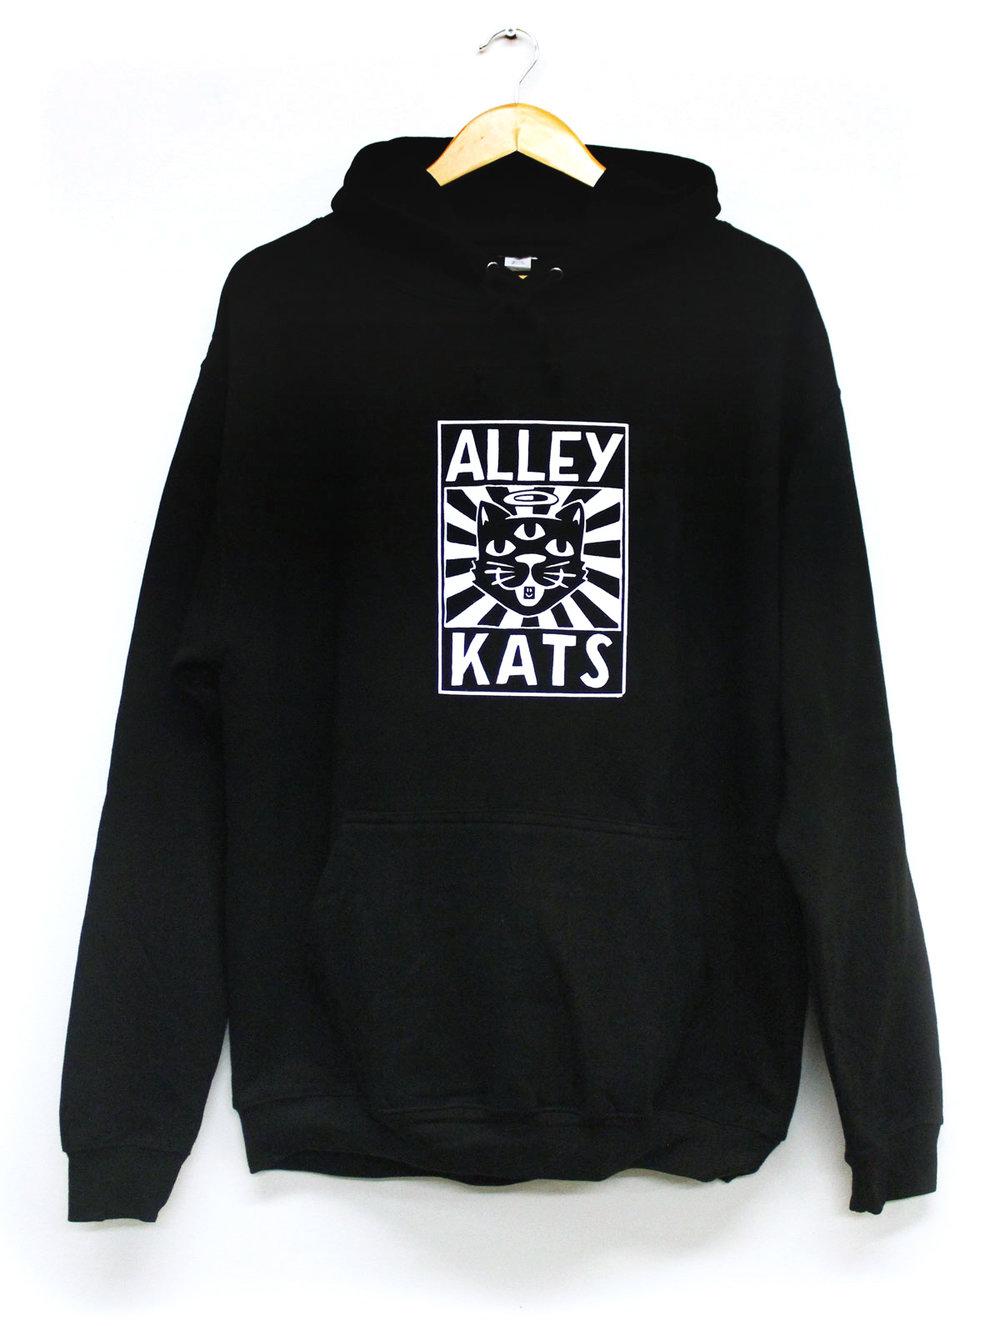 acid-kats-hoodie-black-alleykats.jpg